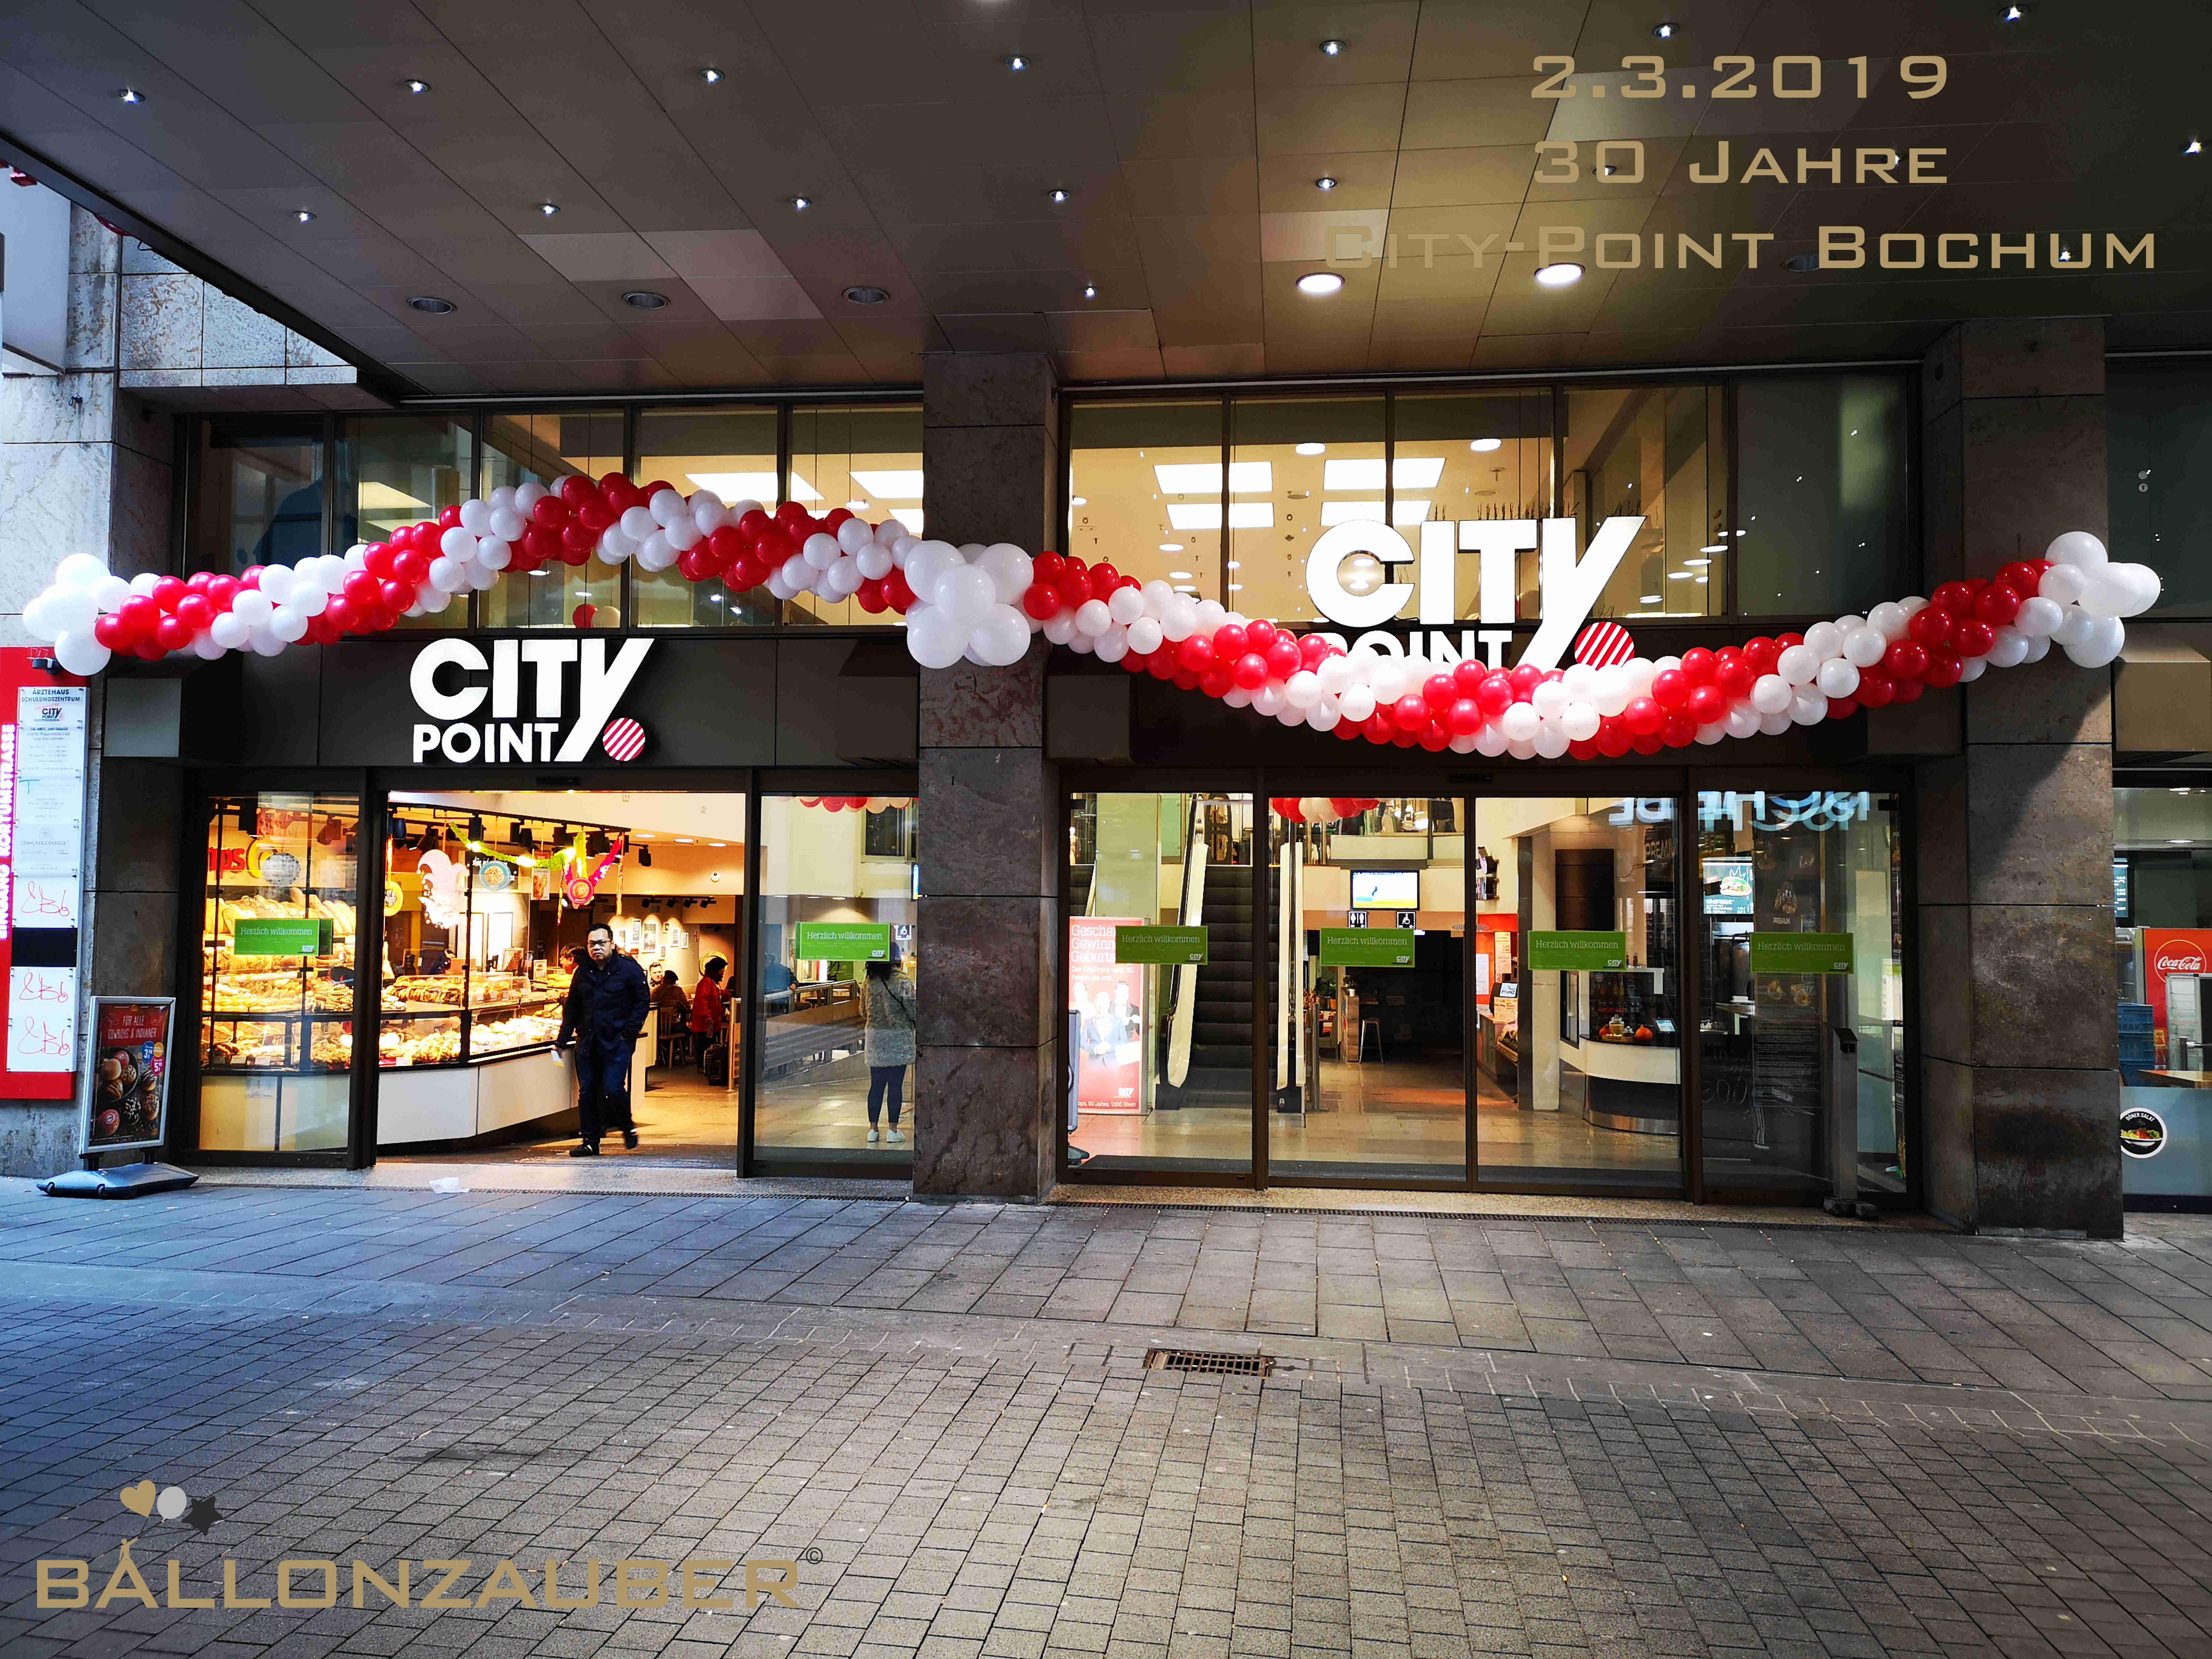 Zum 30 Jubliaum Durften Wir In Bochum Das City Point Einkaufszentrum Mit Ballongirlanden Aus Weissen Und Roten Lat Ballondekorationen Ballongirlande Girlanden